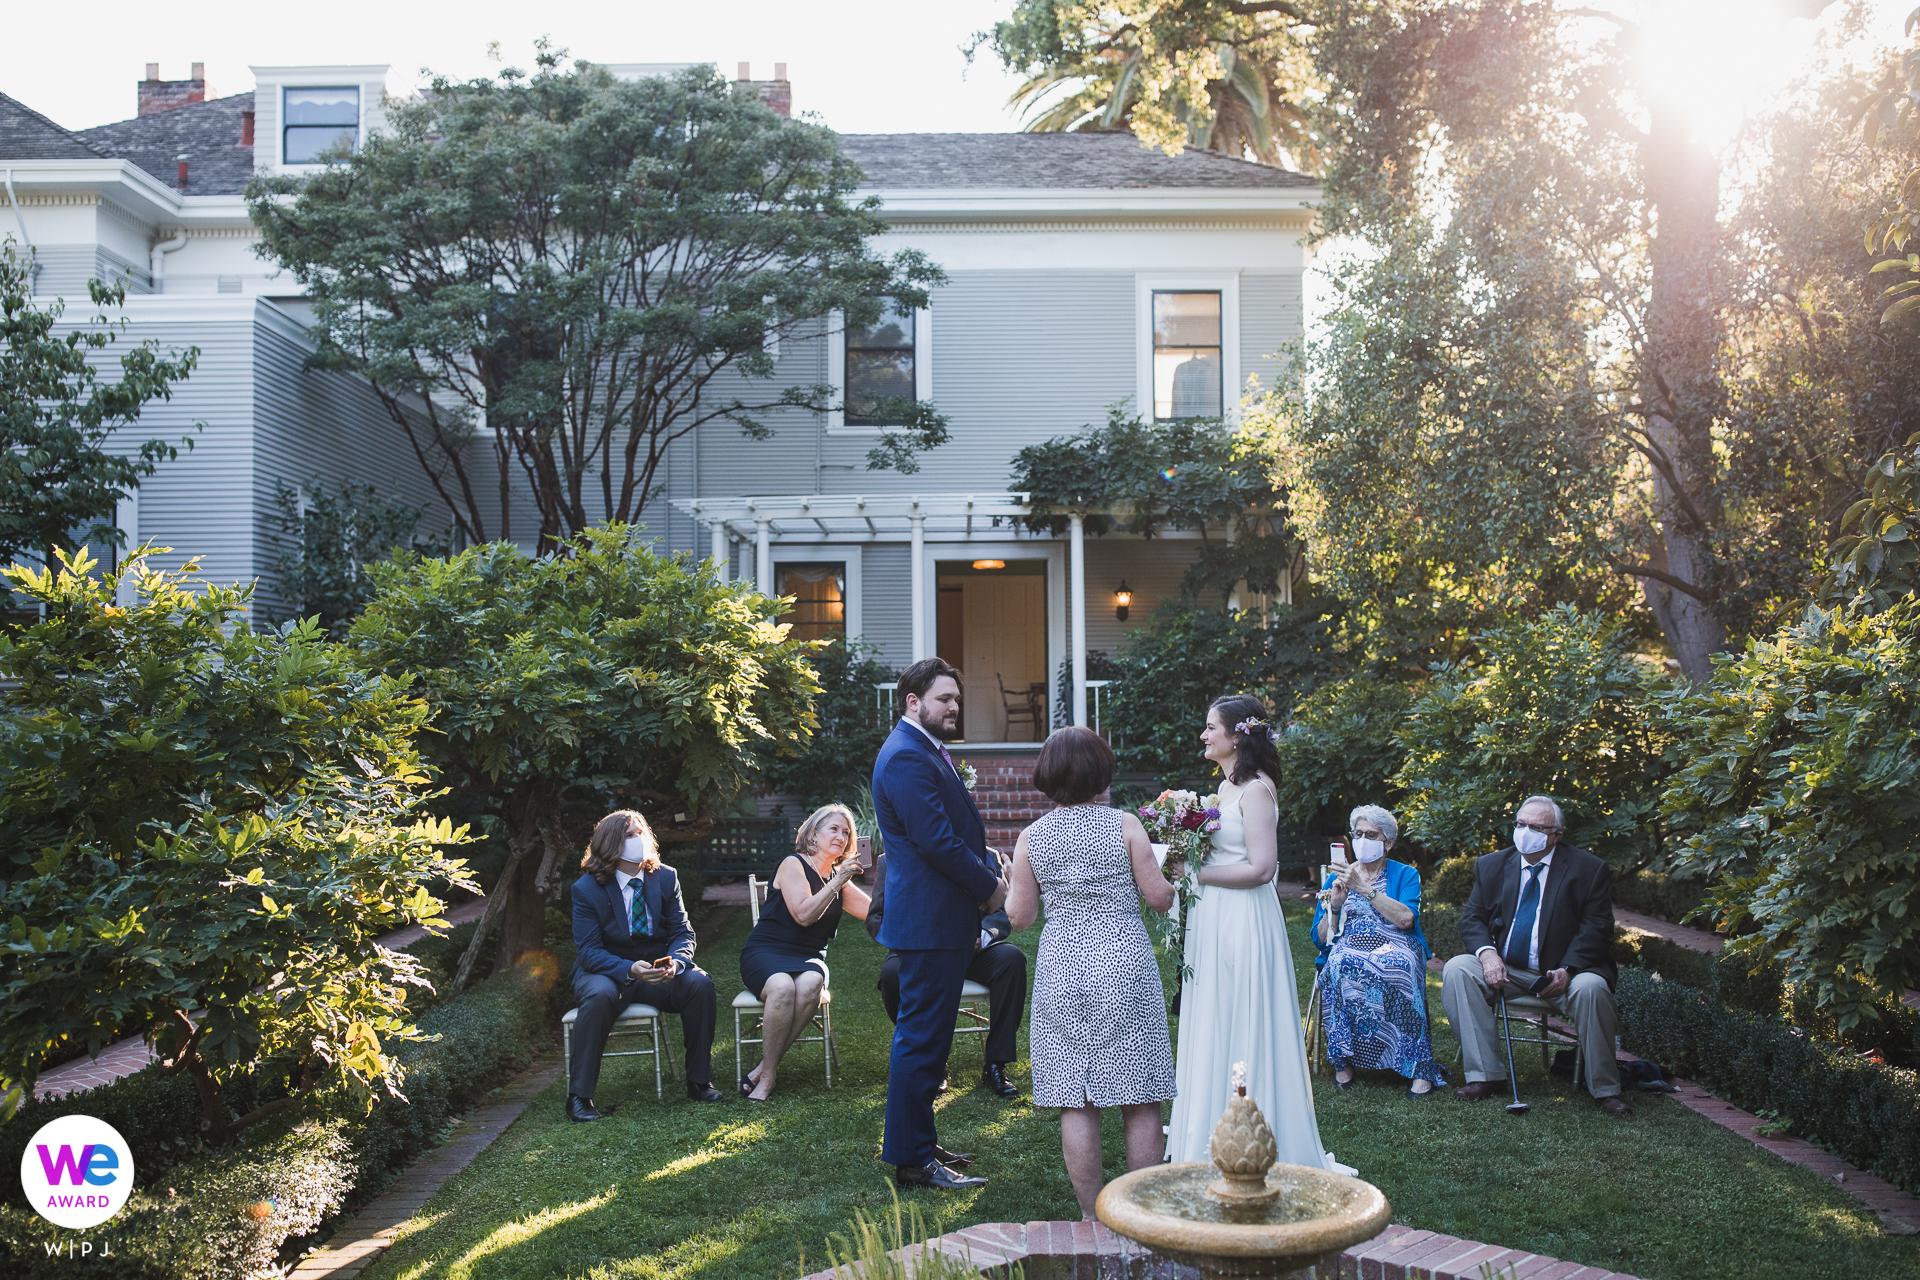 Gamble Garden, Palo Alto Wedding Photography | The ceremony site was in the main garden